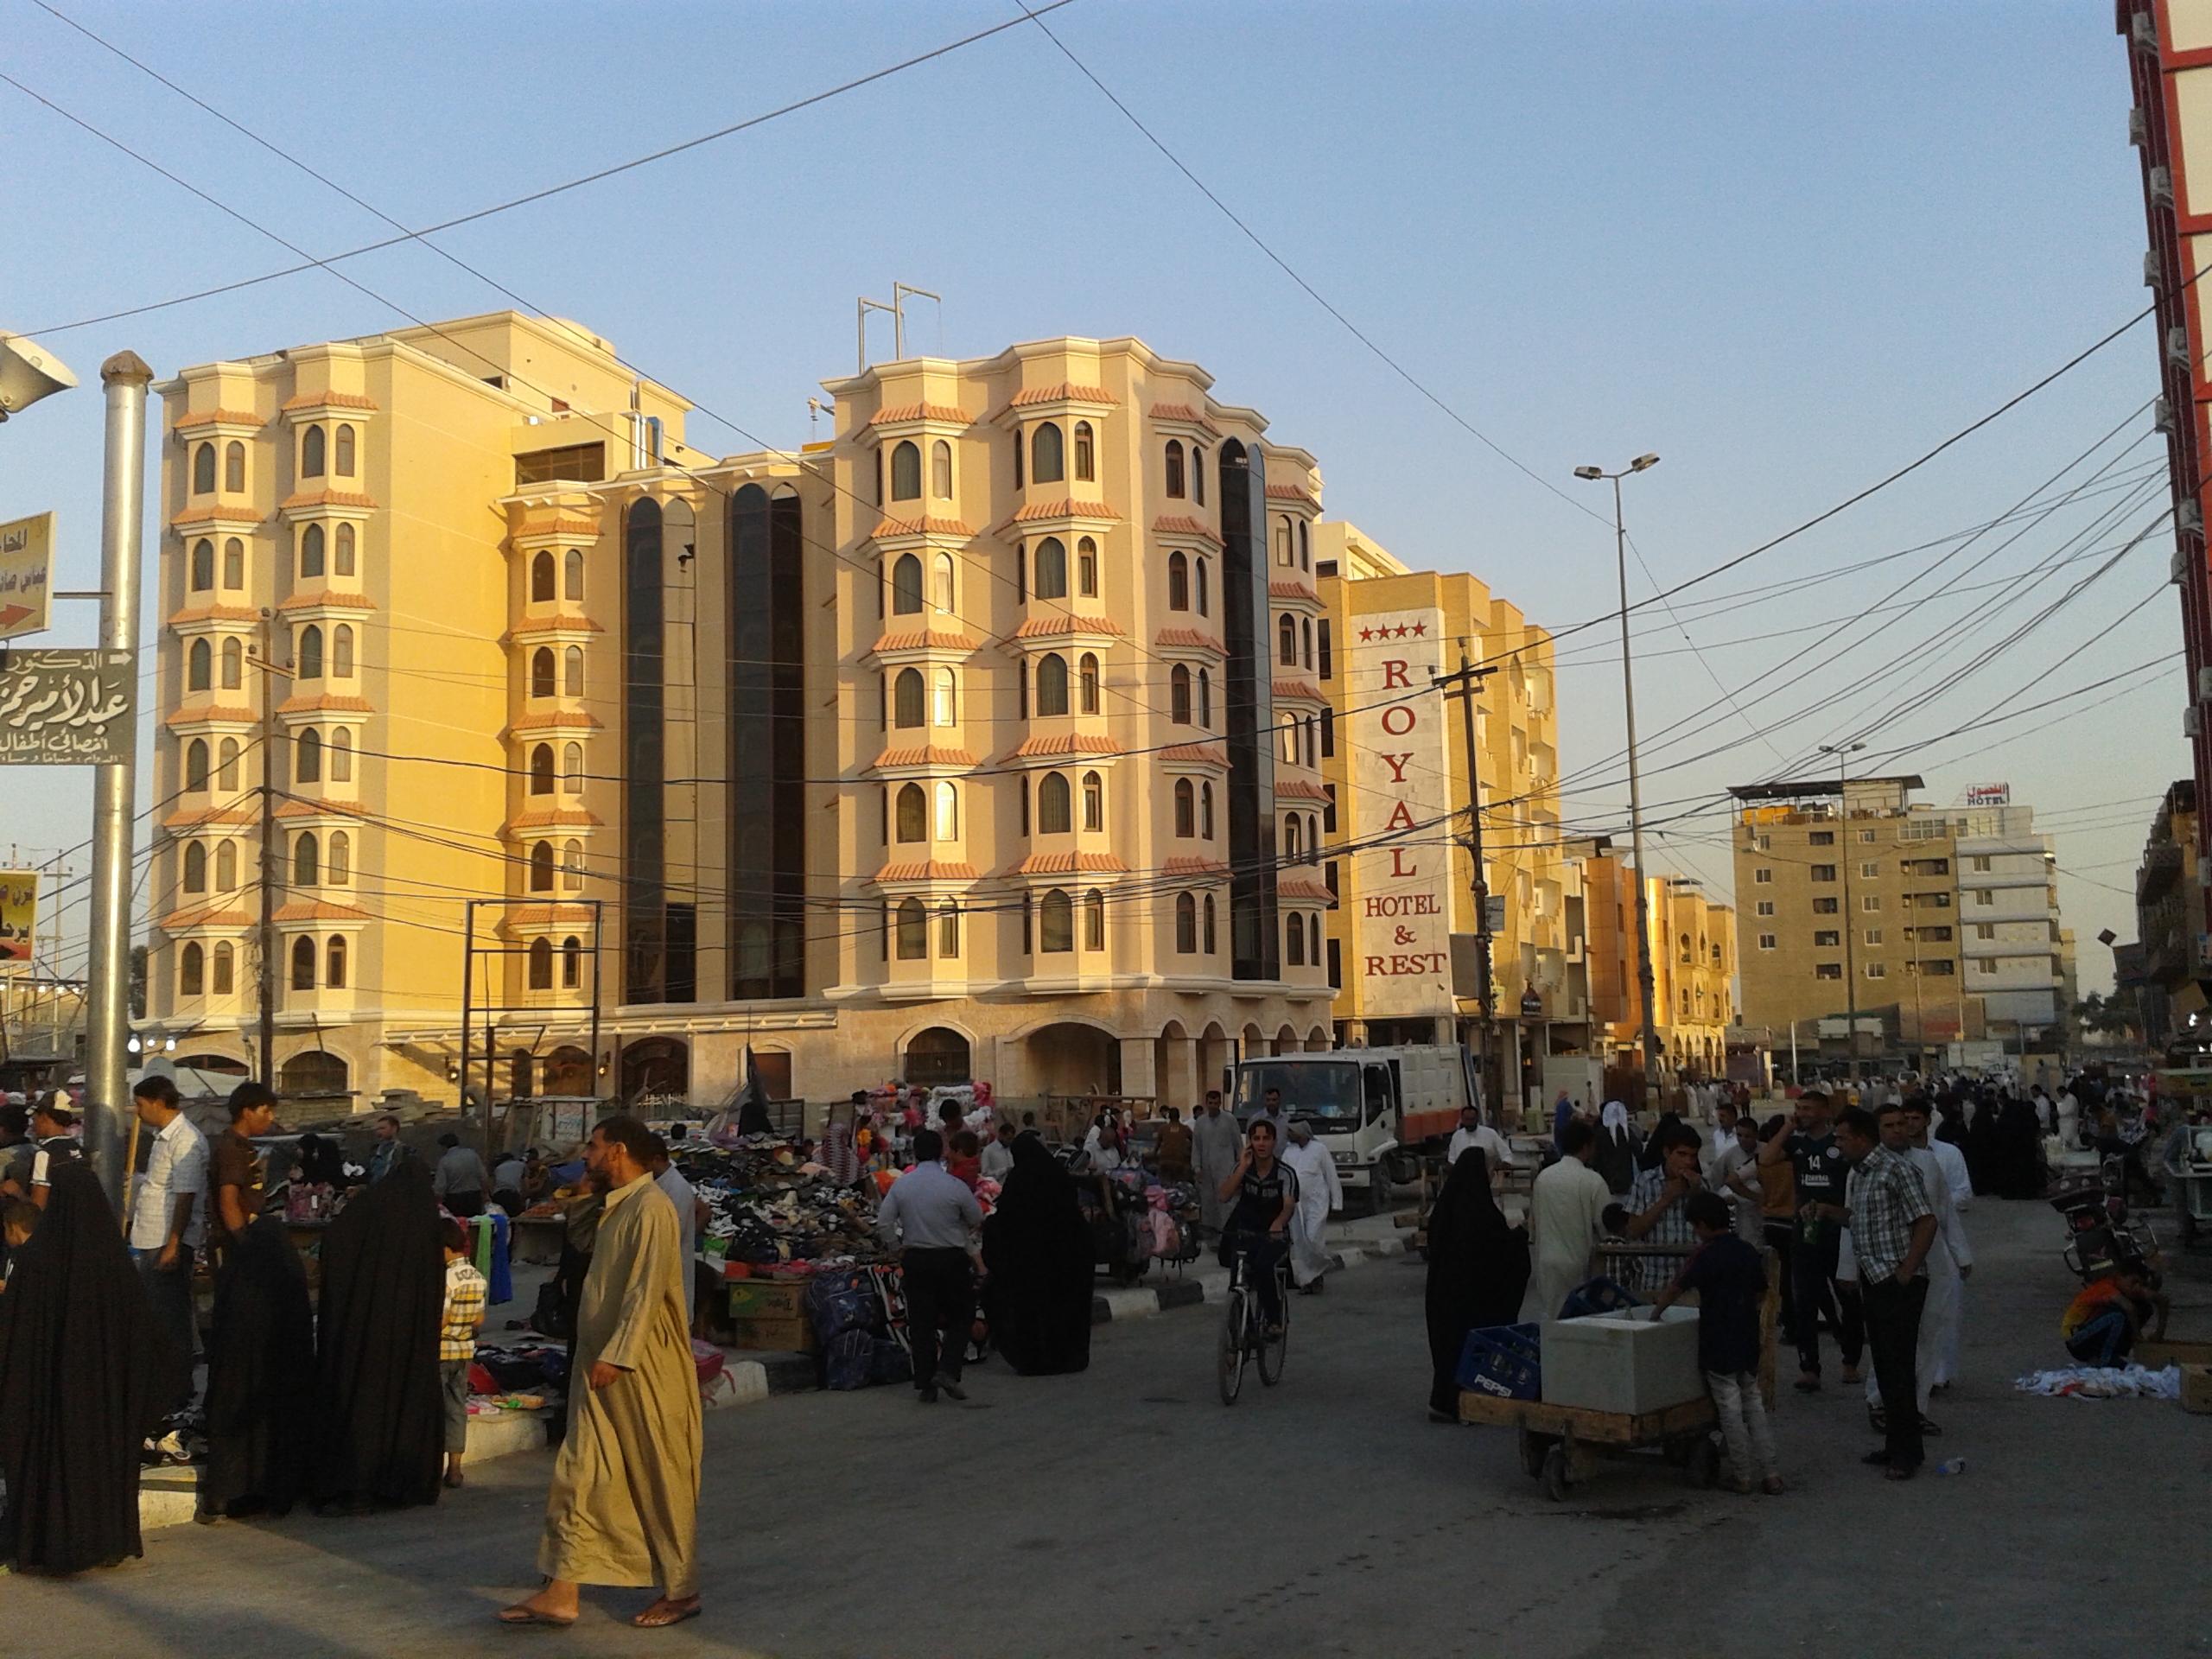 صحيفة بريطانية: اغلاق 200 فندق ومطعم بالنجف بسبب عقوبات اميركا على ايران